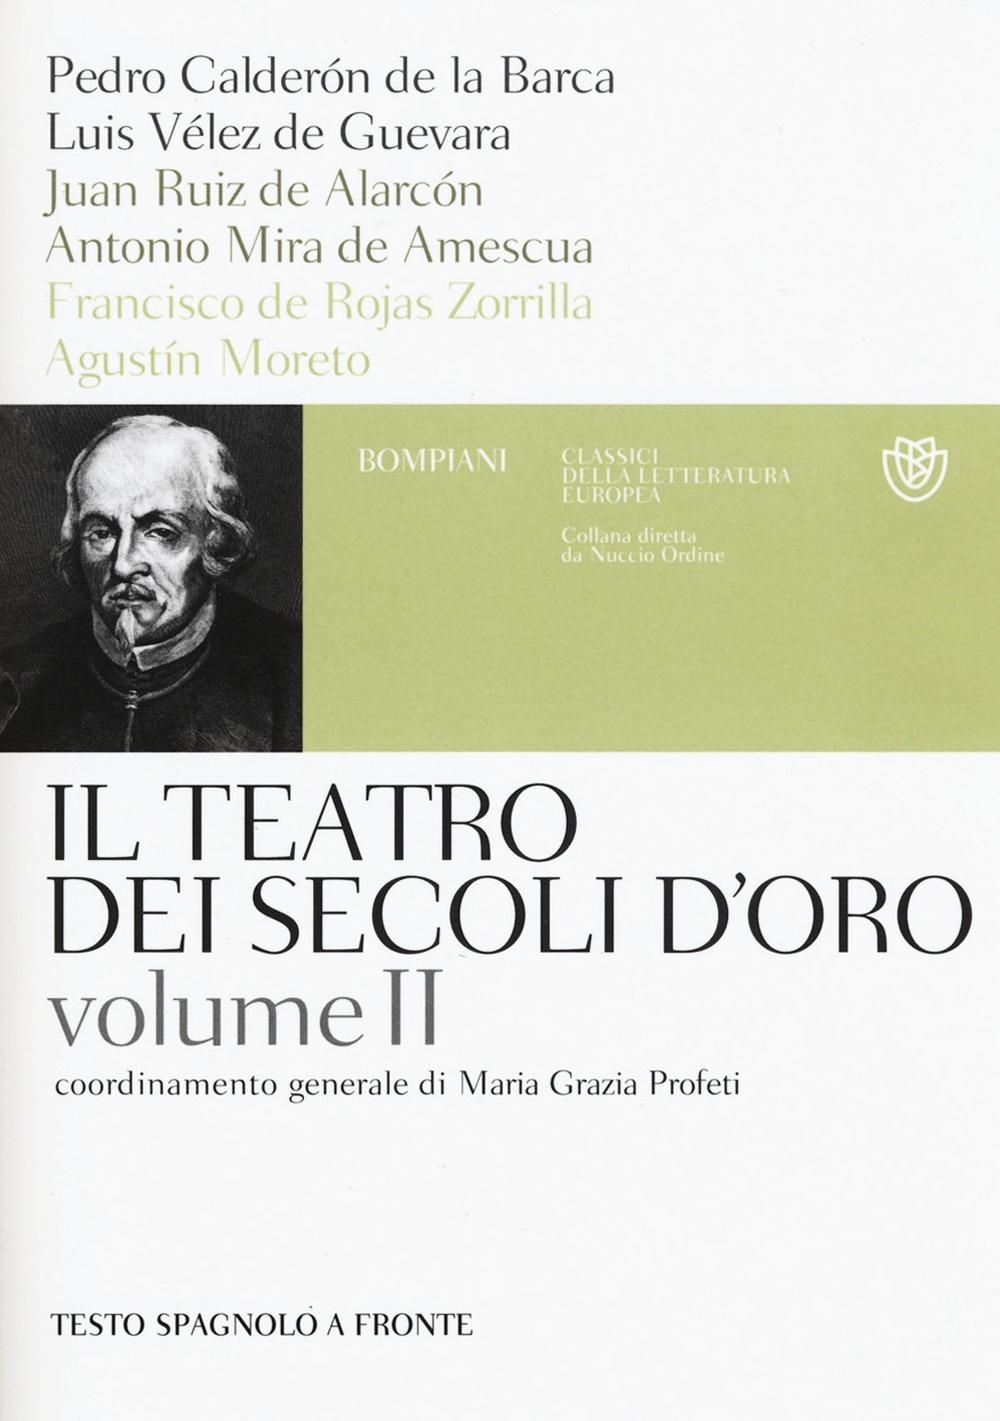 Il teatro dei secoli d'oro. Testo spagnolo a fronte. Vol. 2.